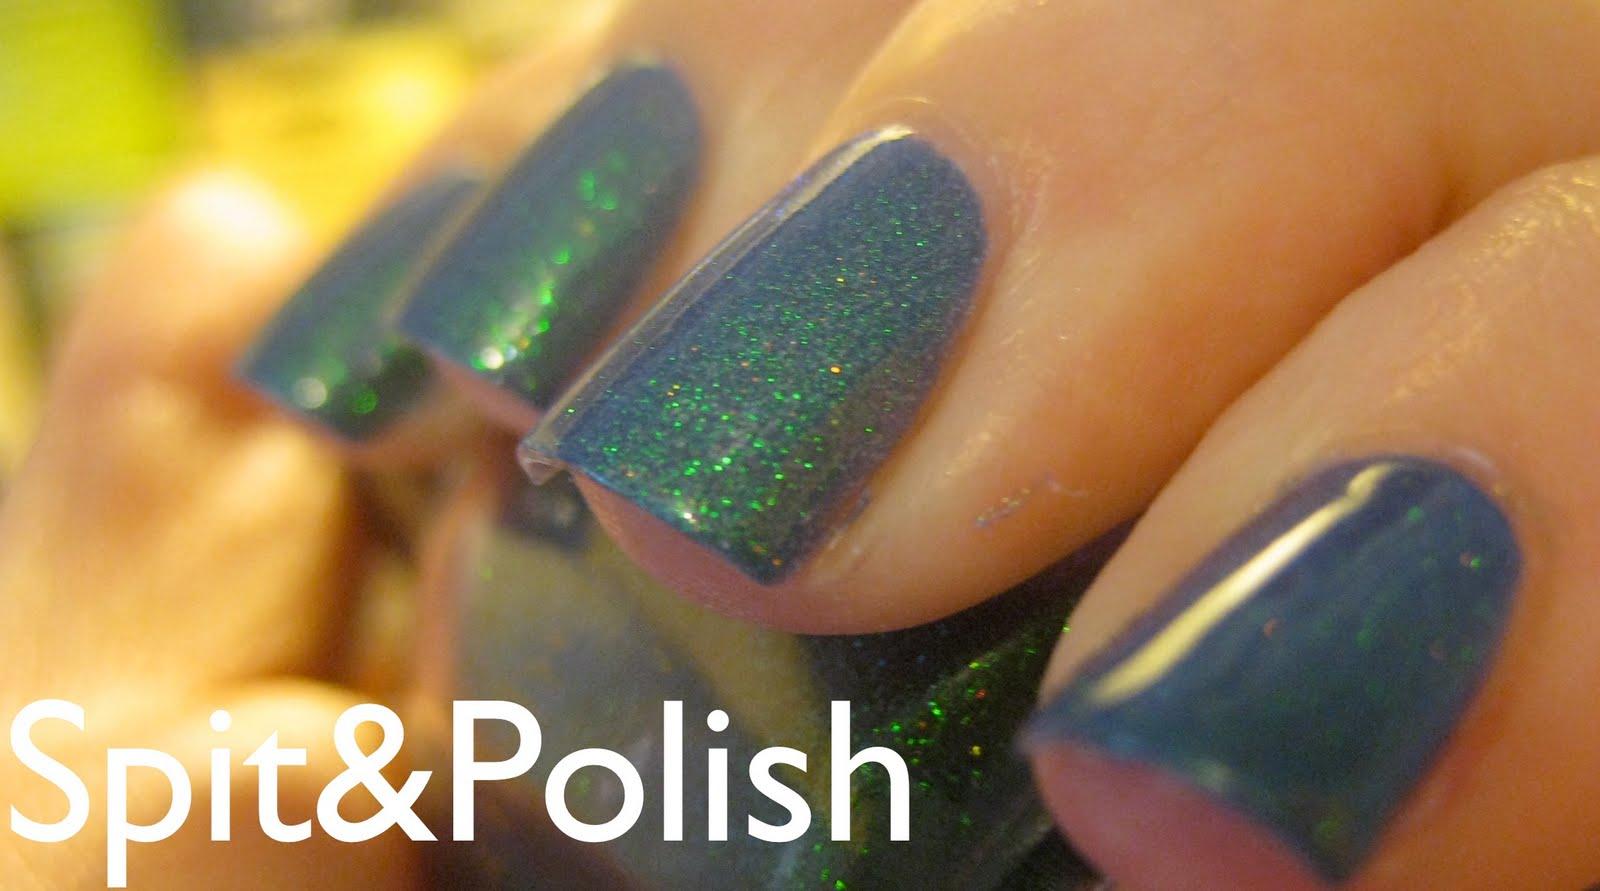 Spit & Polish: Liquid Euphoria - Euphoric